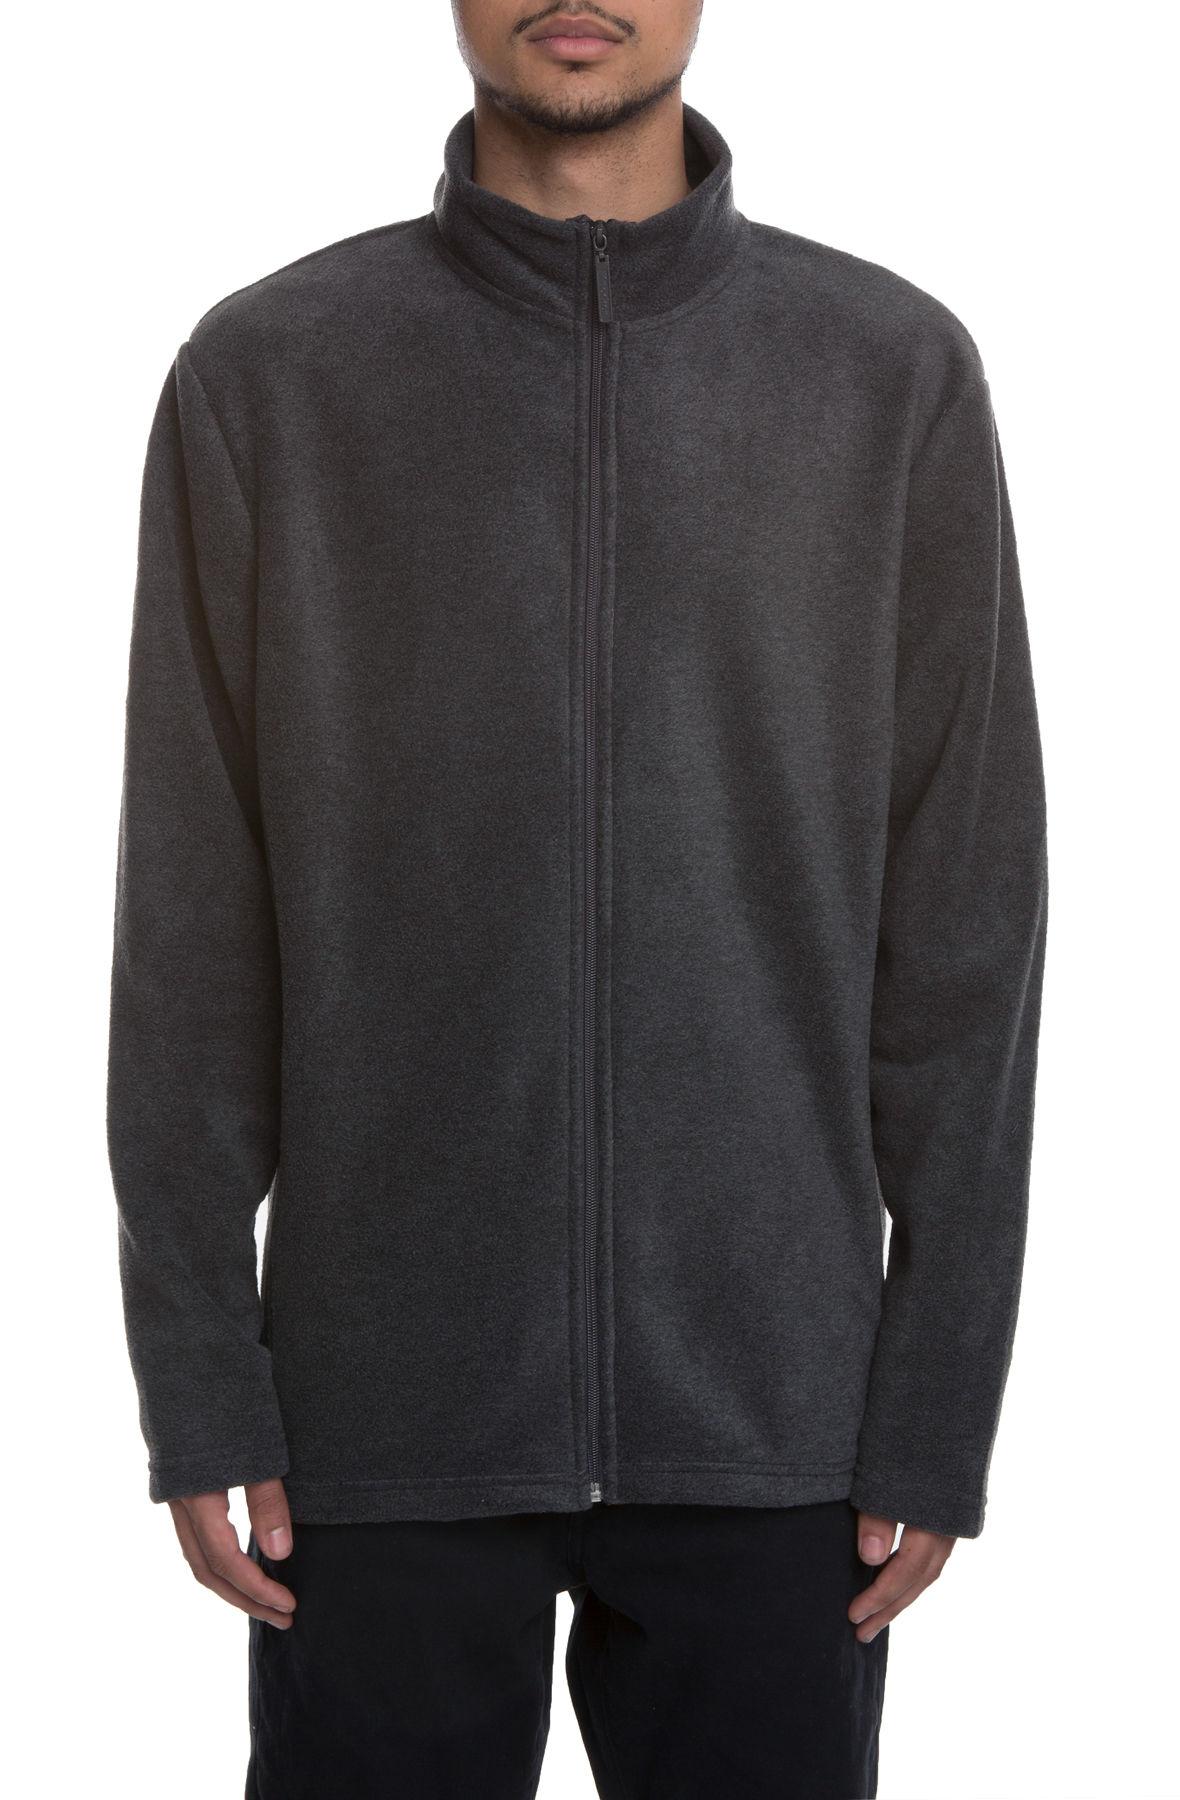 Image of Something Fleece in Grey